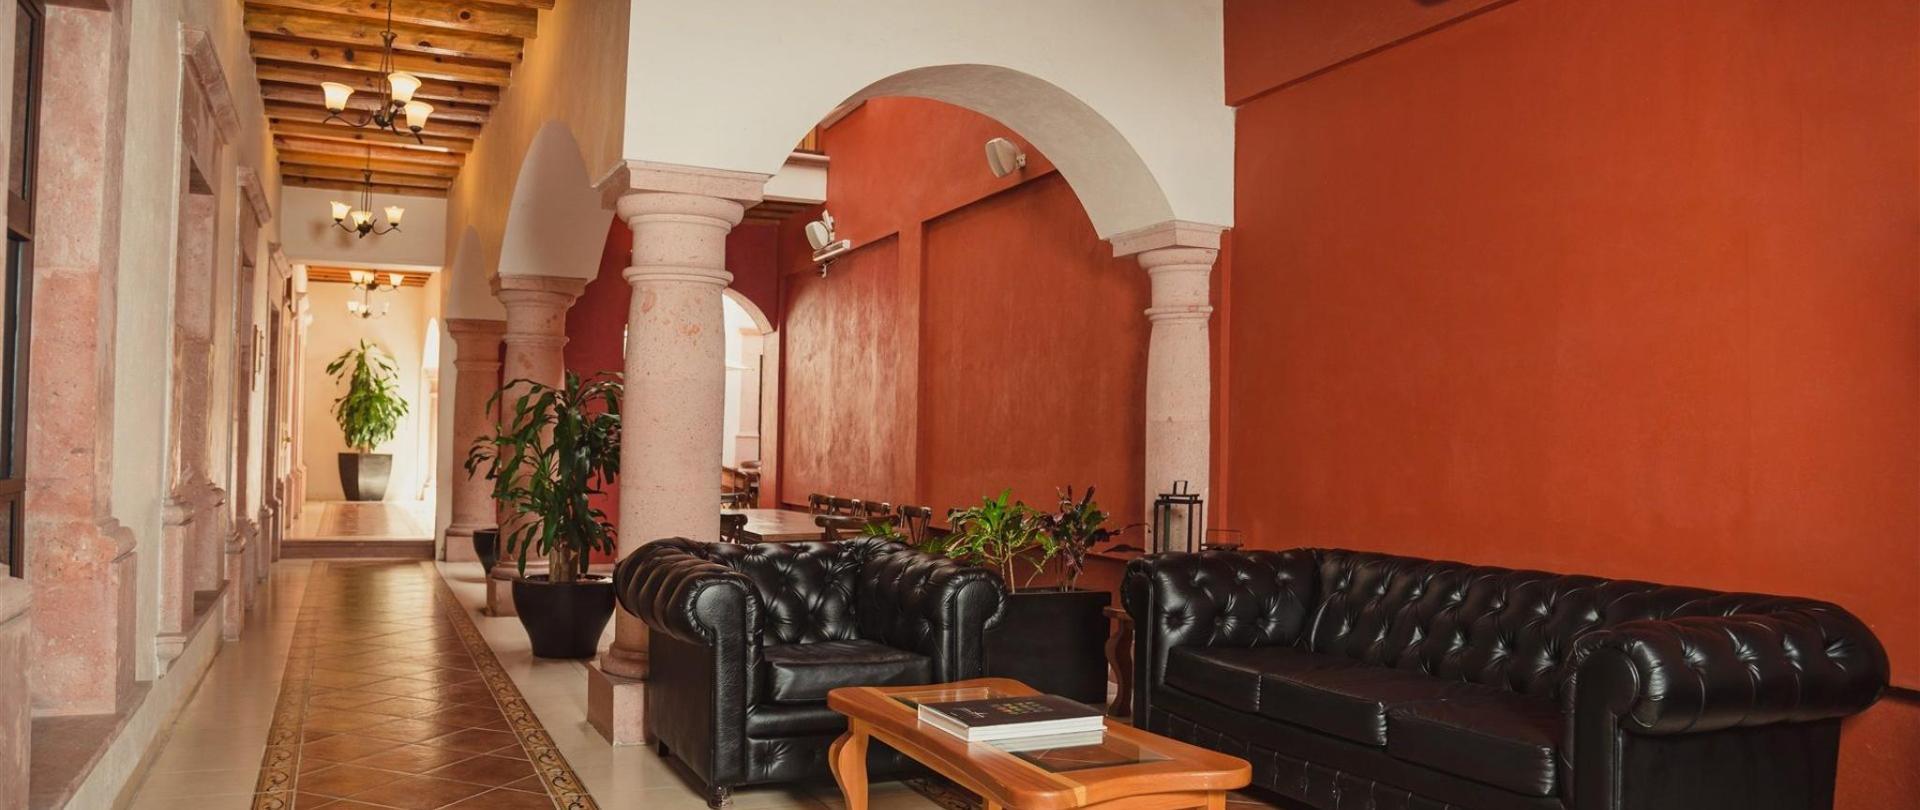 Hoteles Río, Querétaro, Santiago de Querétaro, México.jpg